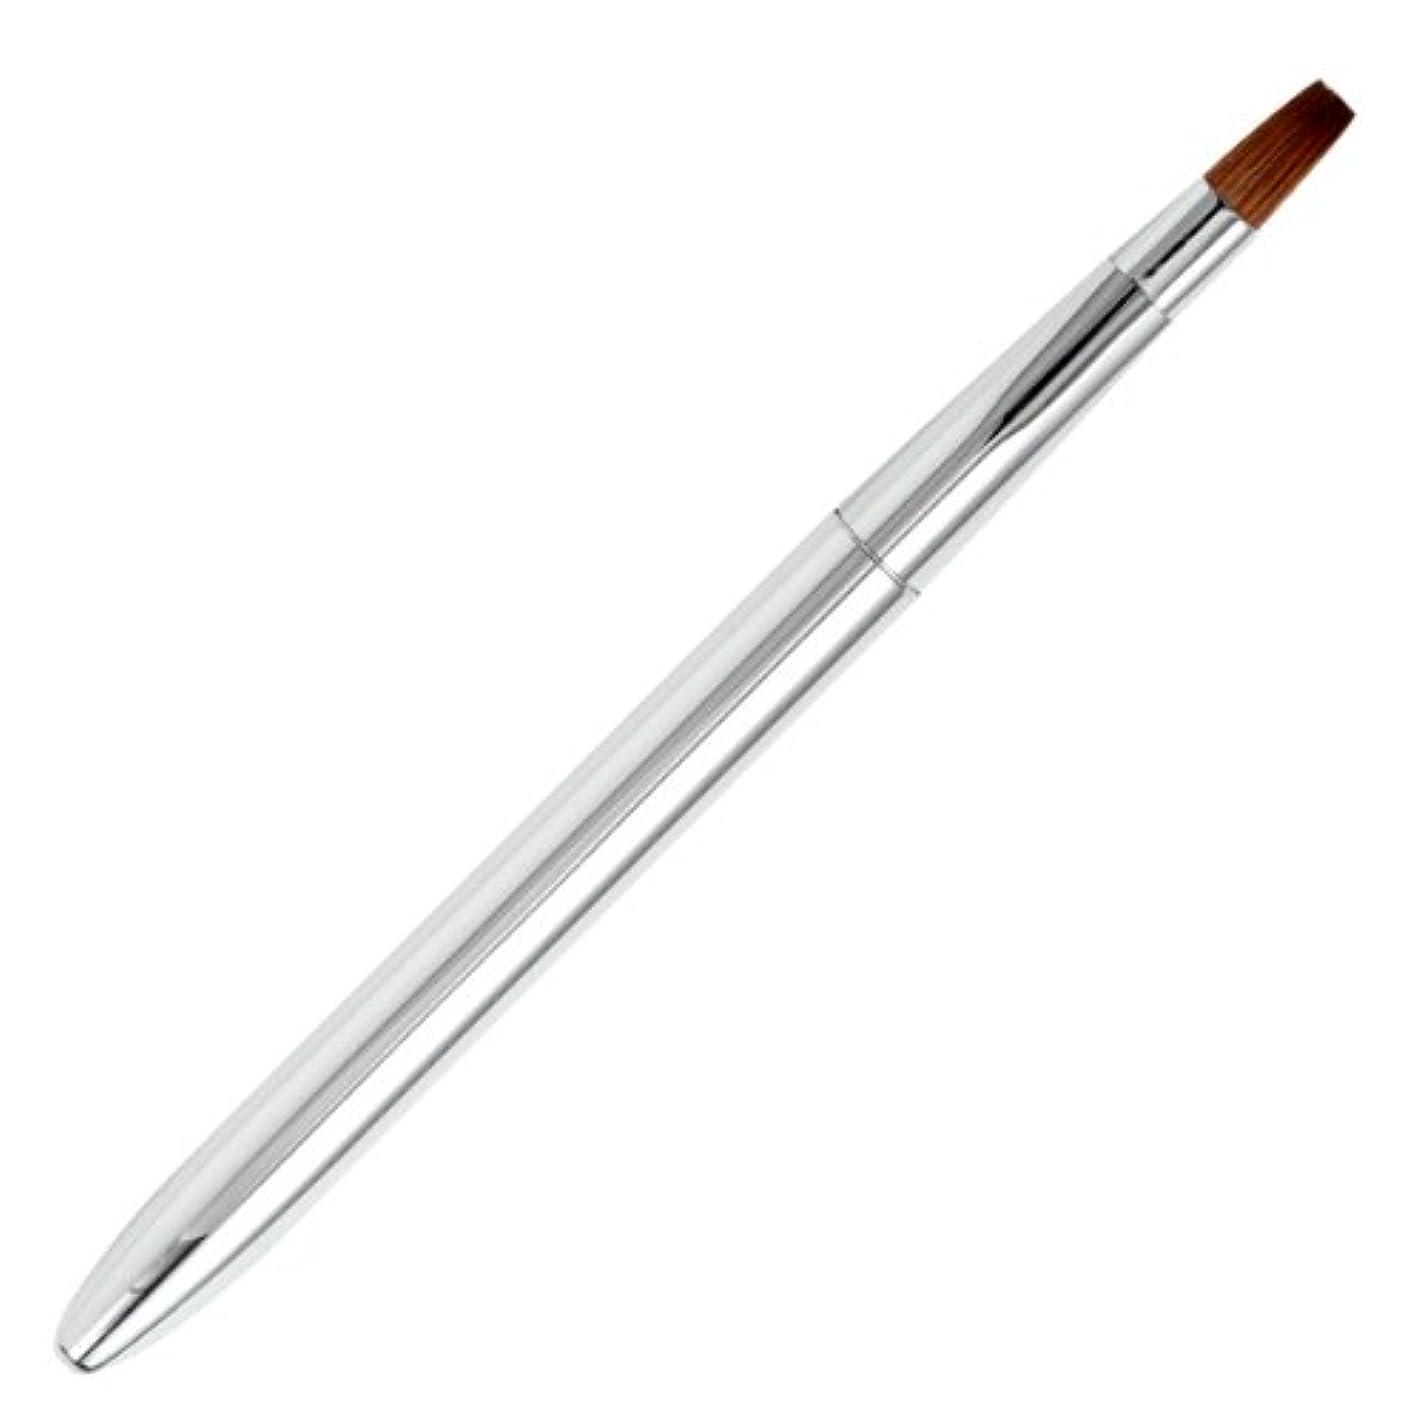 フリル神の首謀者広島熊野筆 オートリップブラシ 毛質 コリンスキー